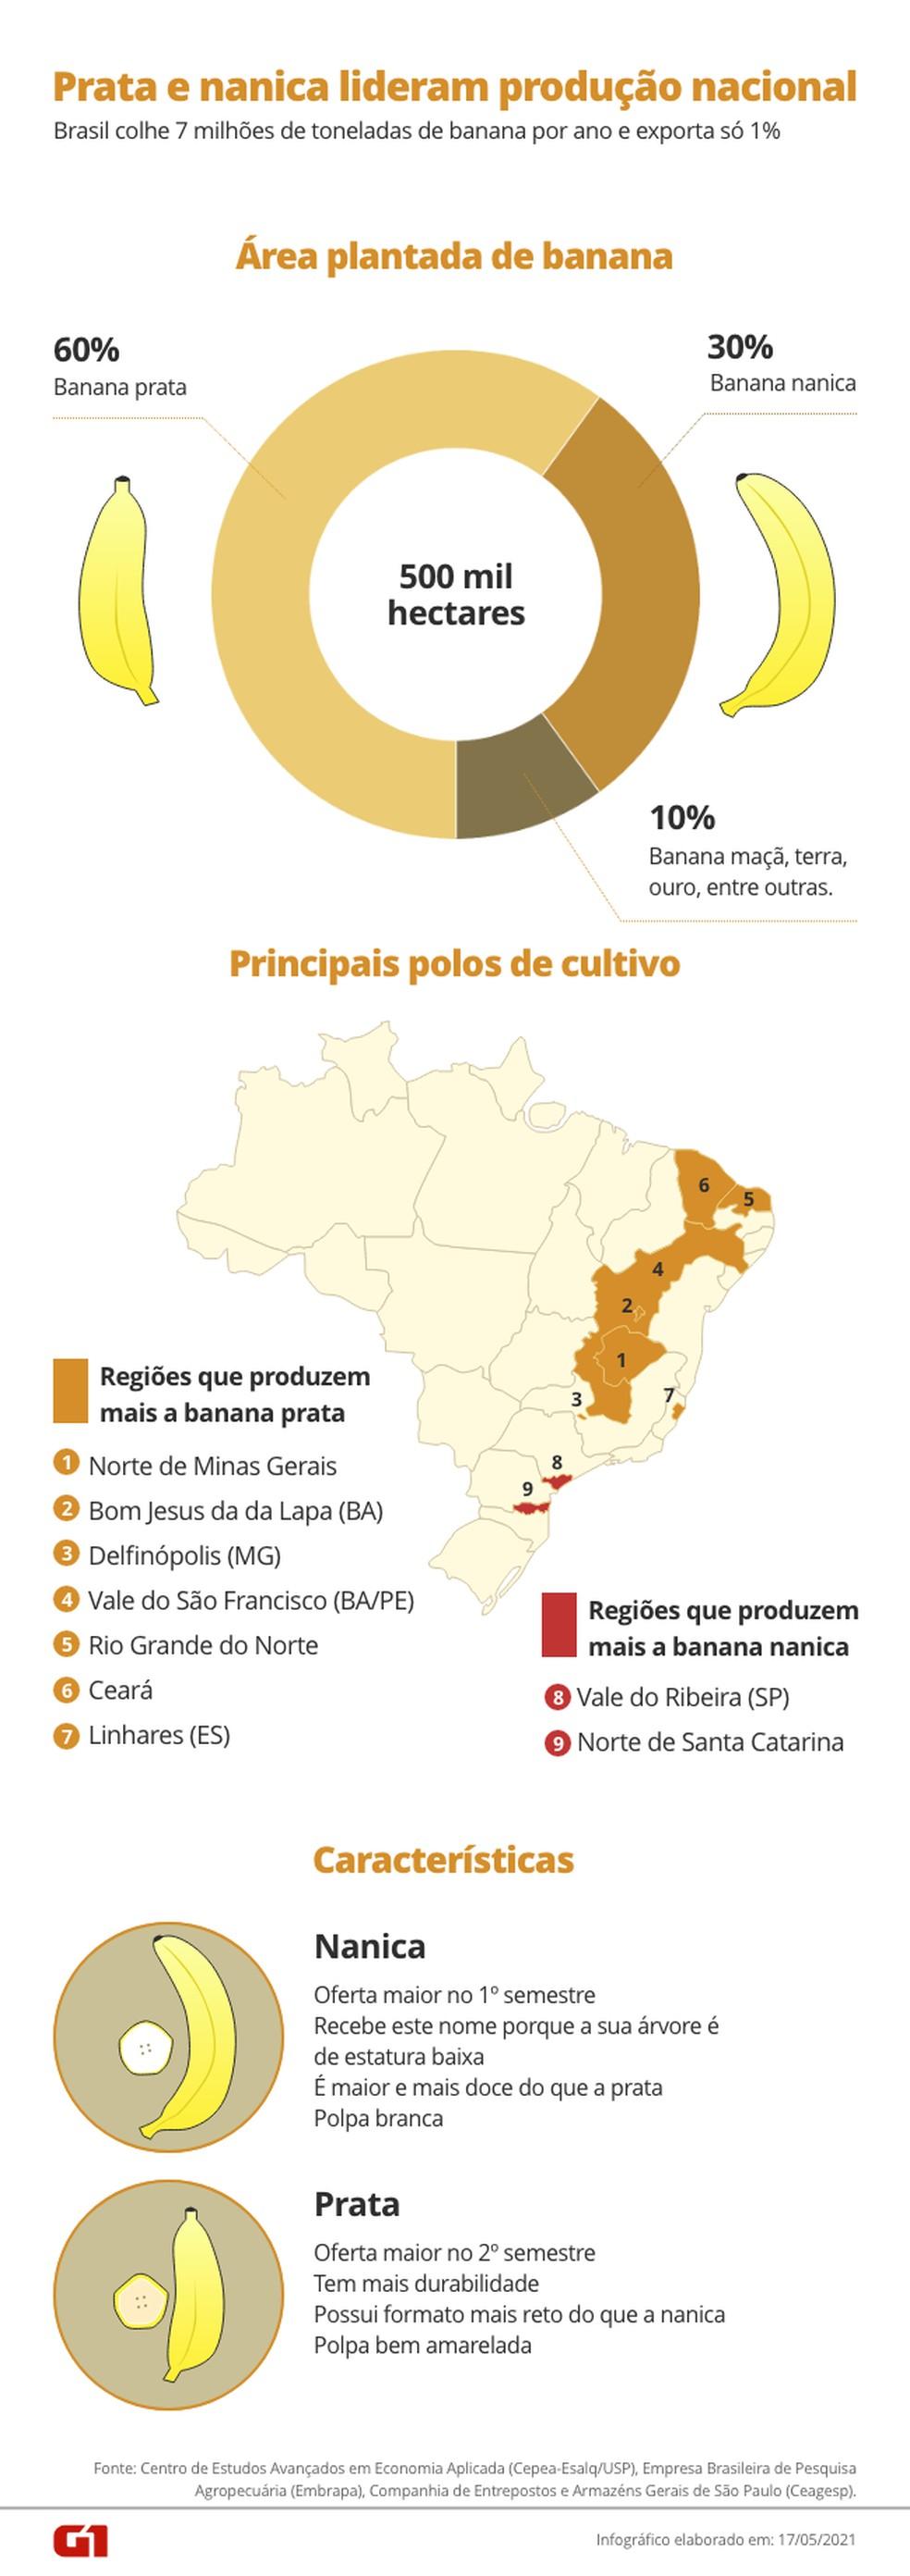 Brasil é o 4º maior produtor de banana do mundo. — Foto: Arte/G1